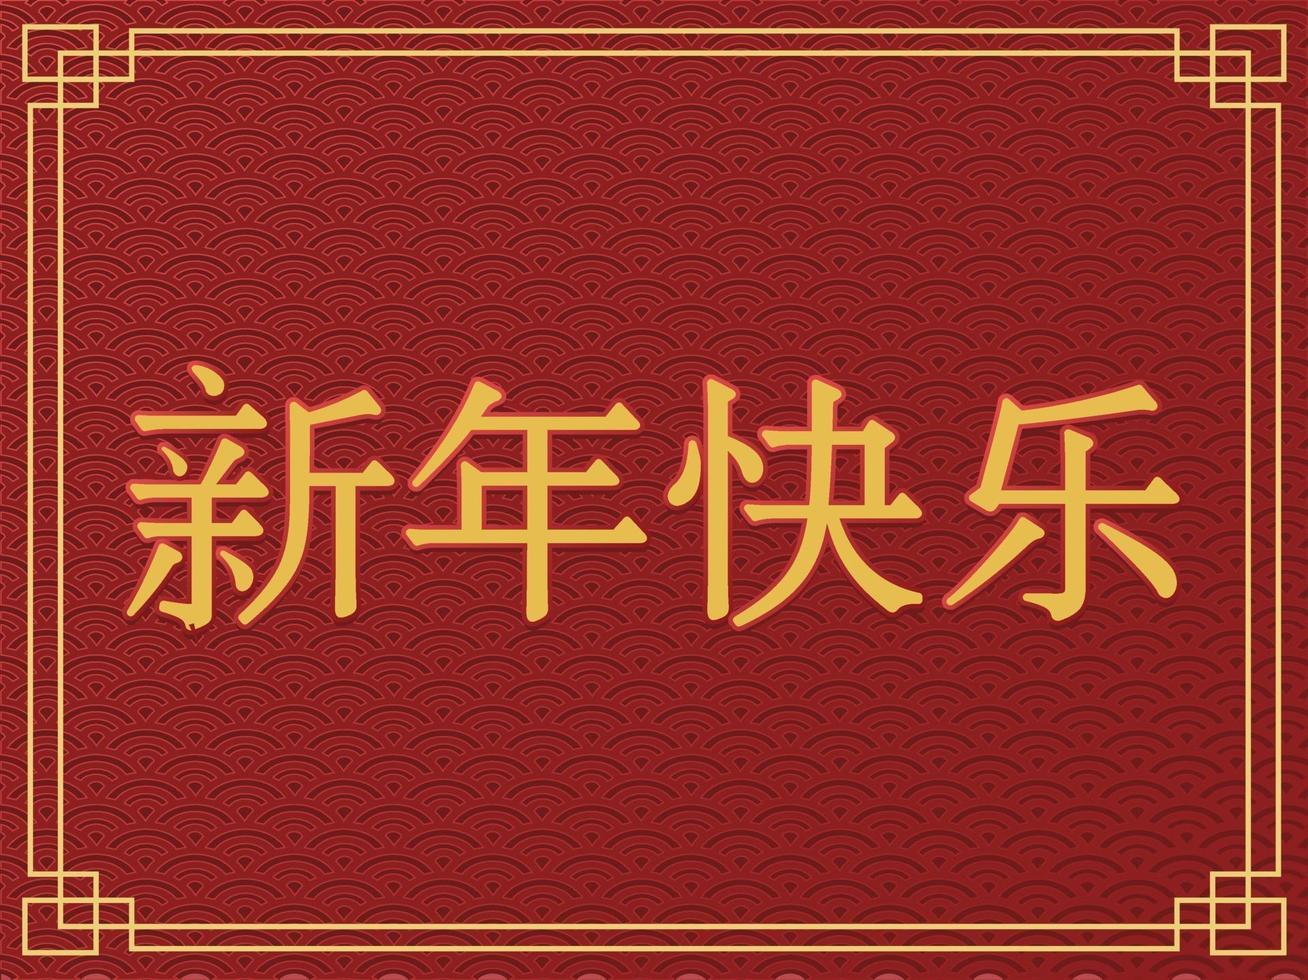 calligraphie chinoise 2021 ans, traduction de mots chinois. vecteur